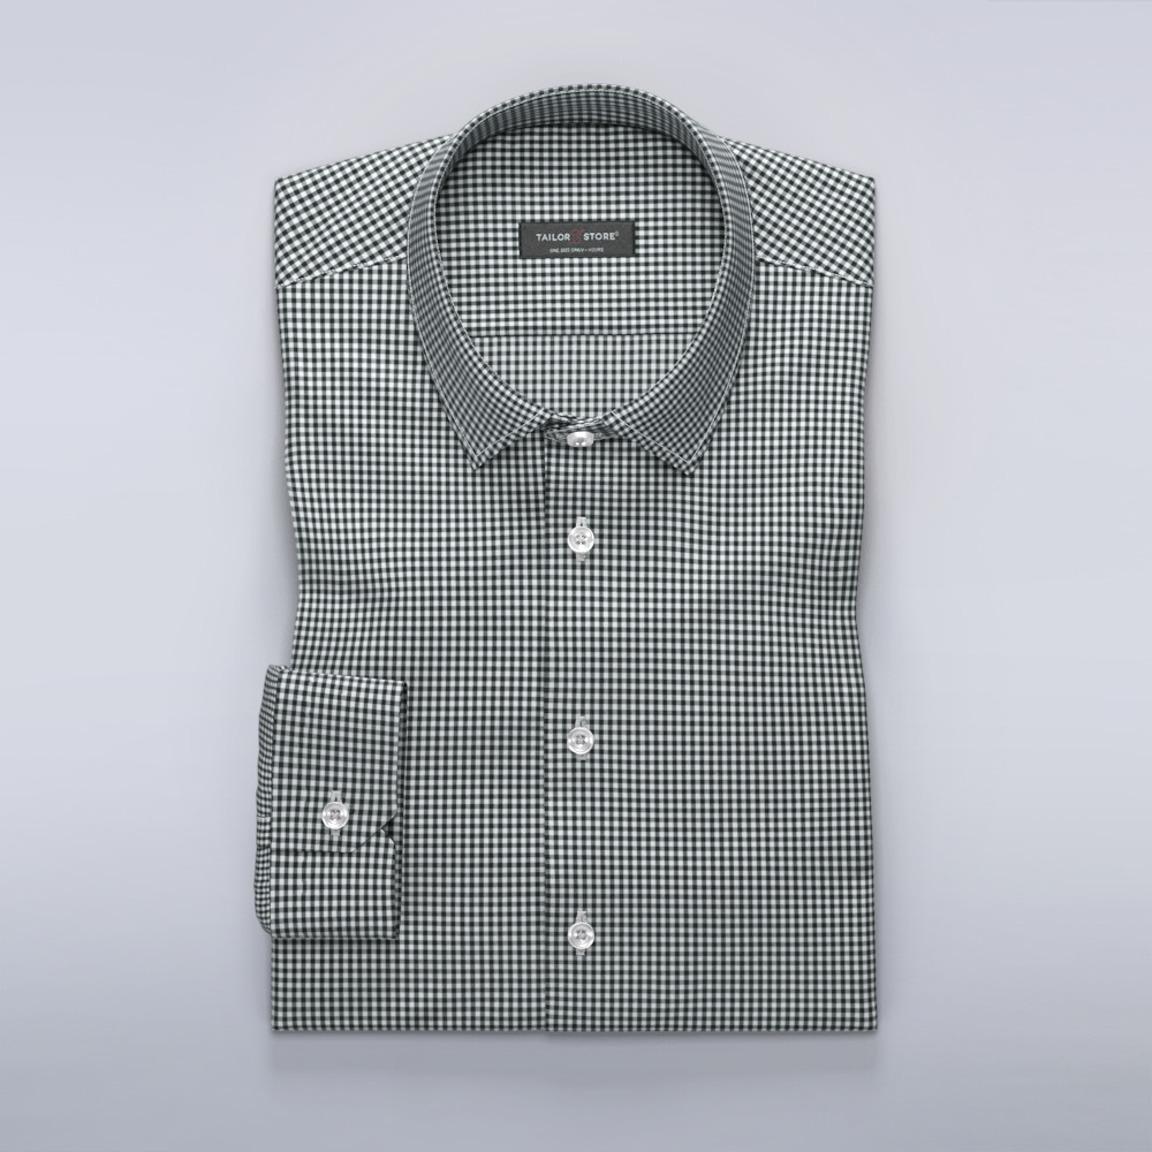 Rutete dresskjorte i sort/hvit